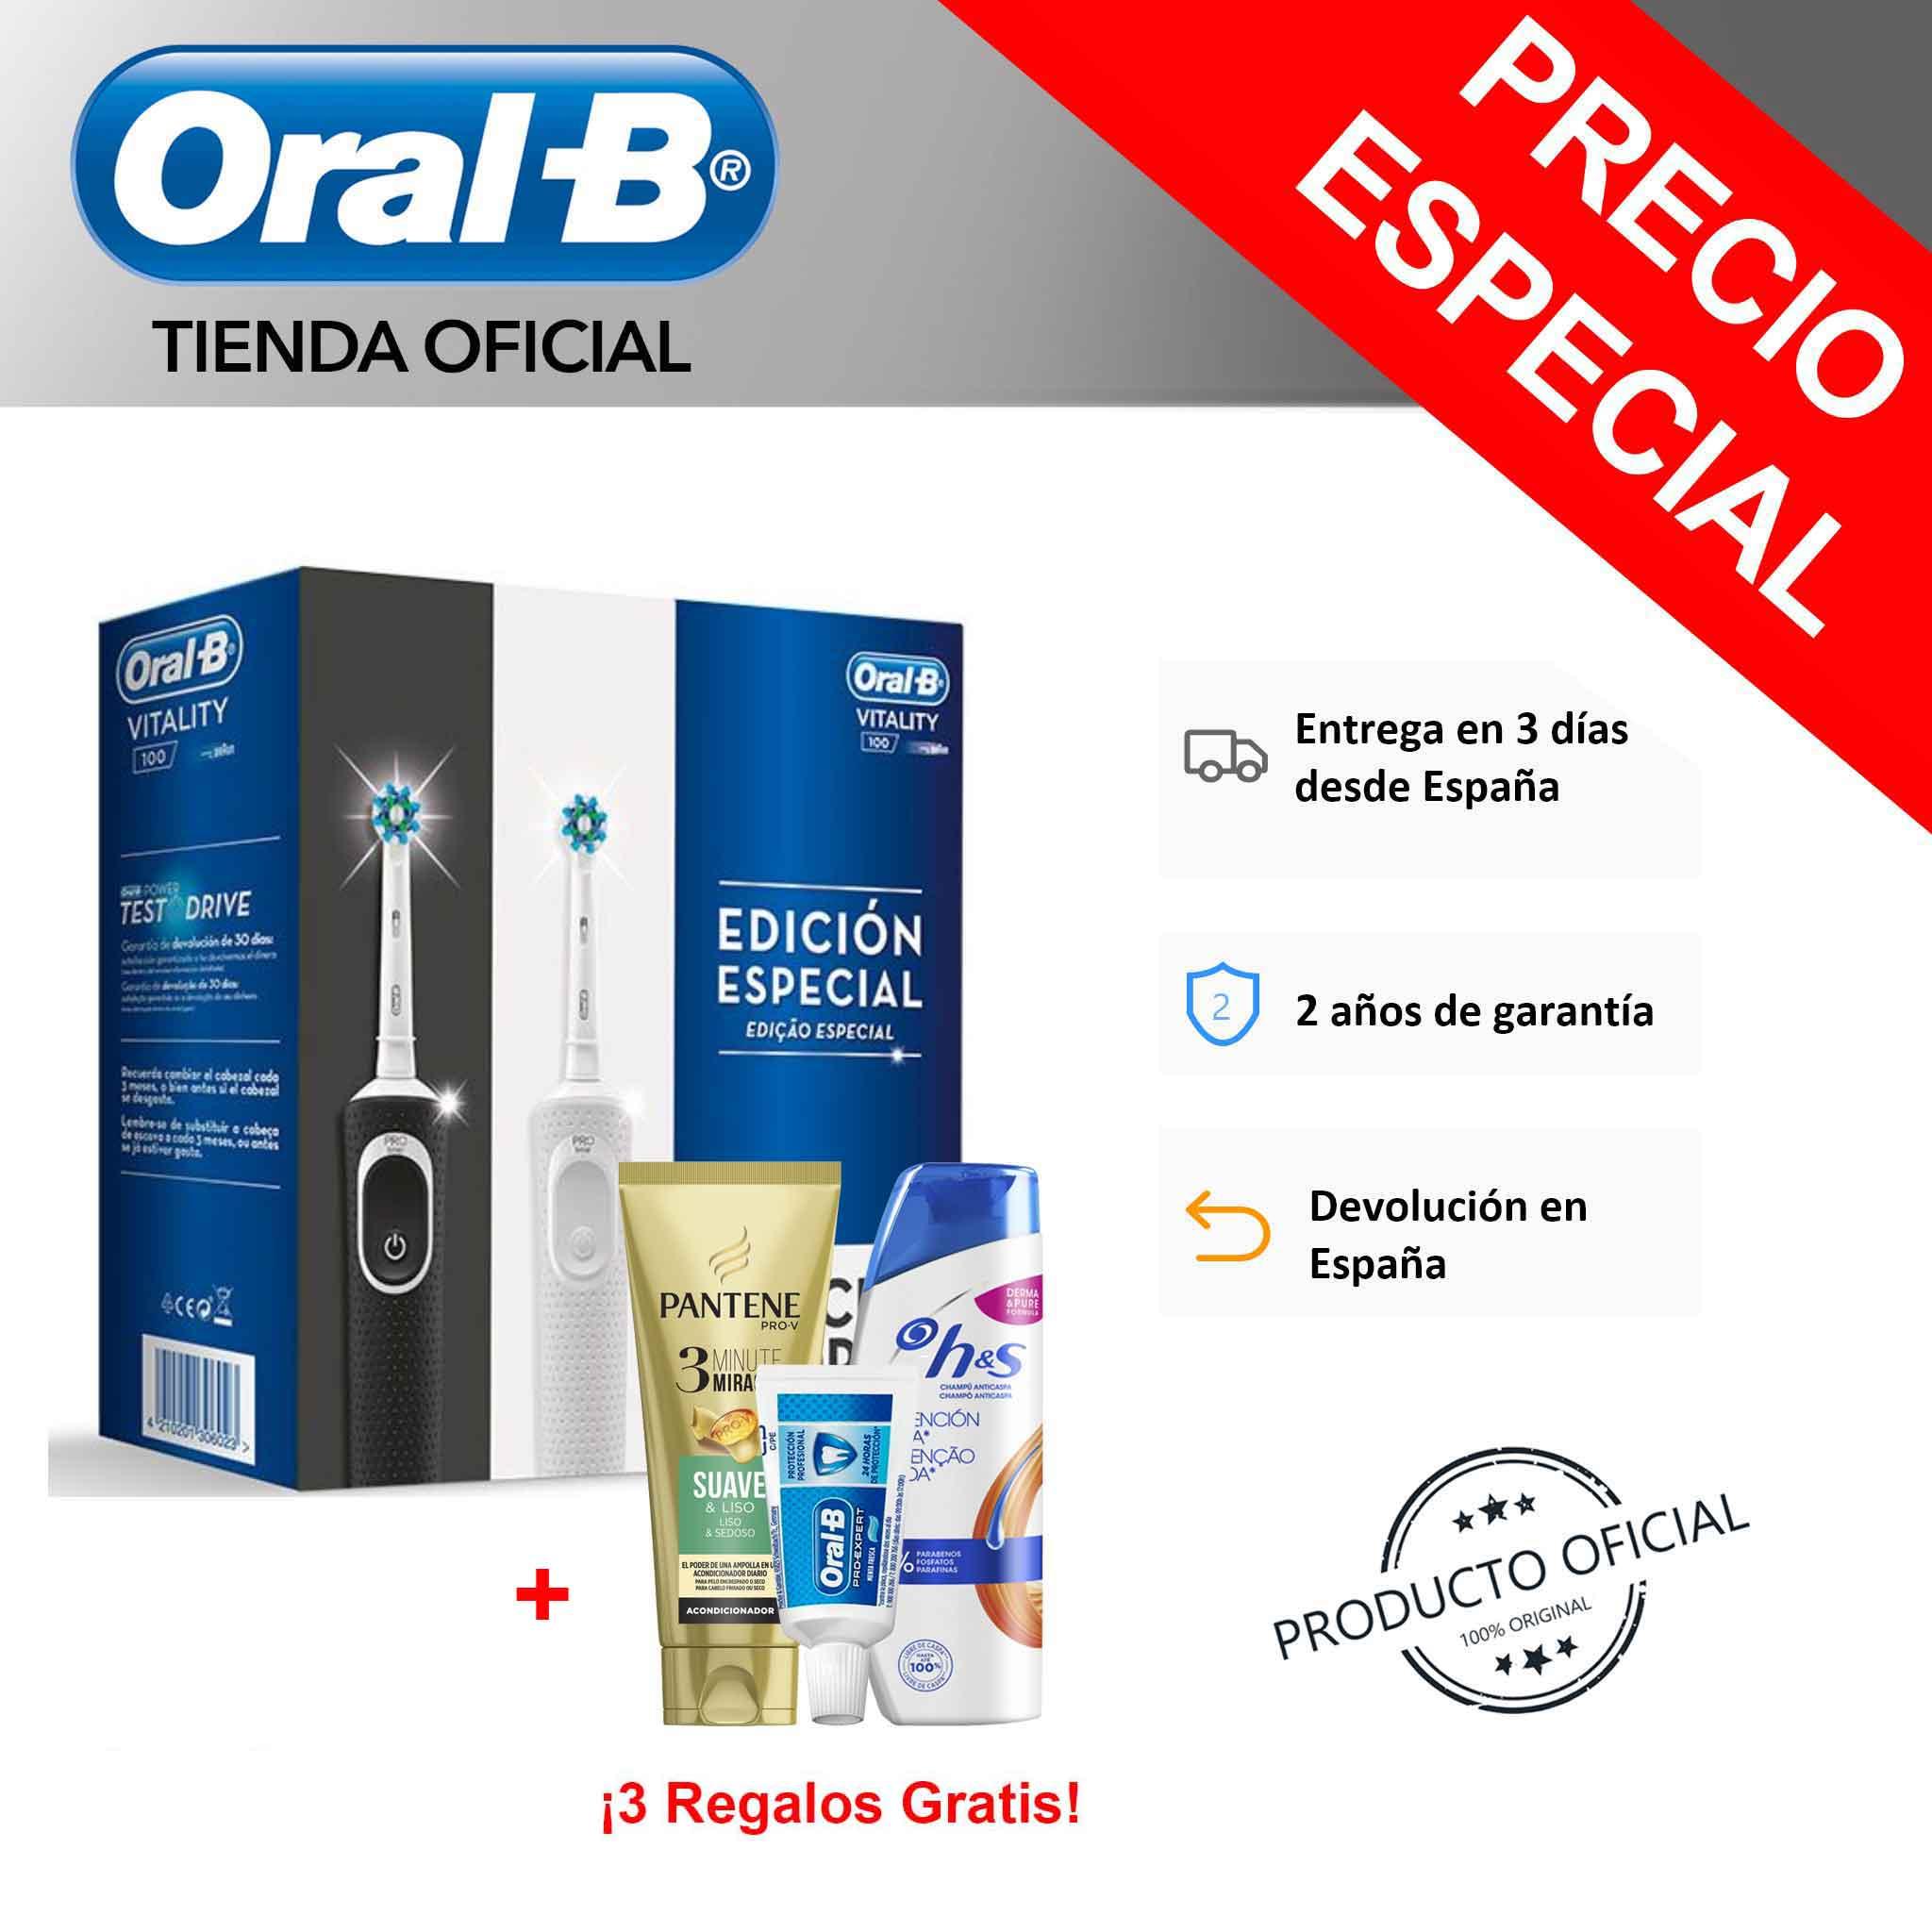 Oral-B Vitality D100 CrossAction Pack 2 Cepillos de dientes Eléctricos Blanco/Negro + 2 Champús Pantene y H&S + Pasta de dientes